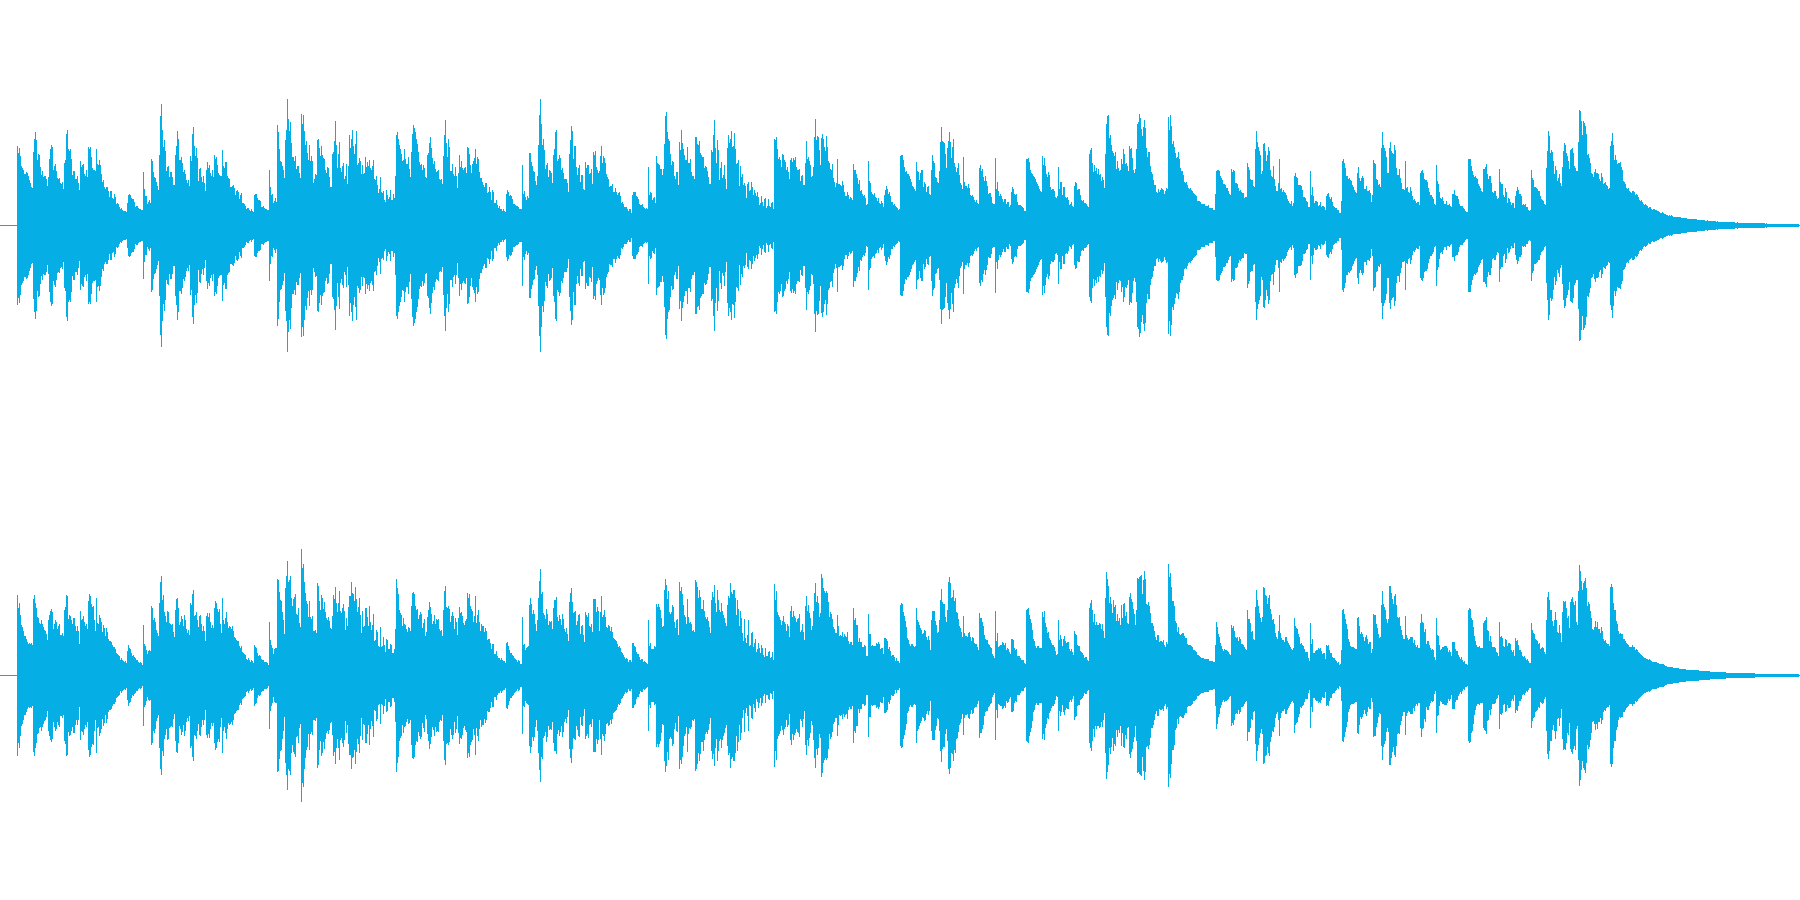 協奏曲集「四季」春 オルゴールの再生済みの波形